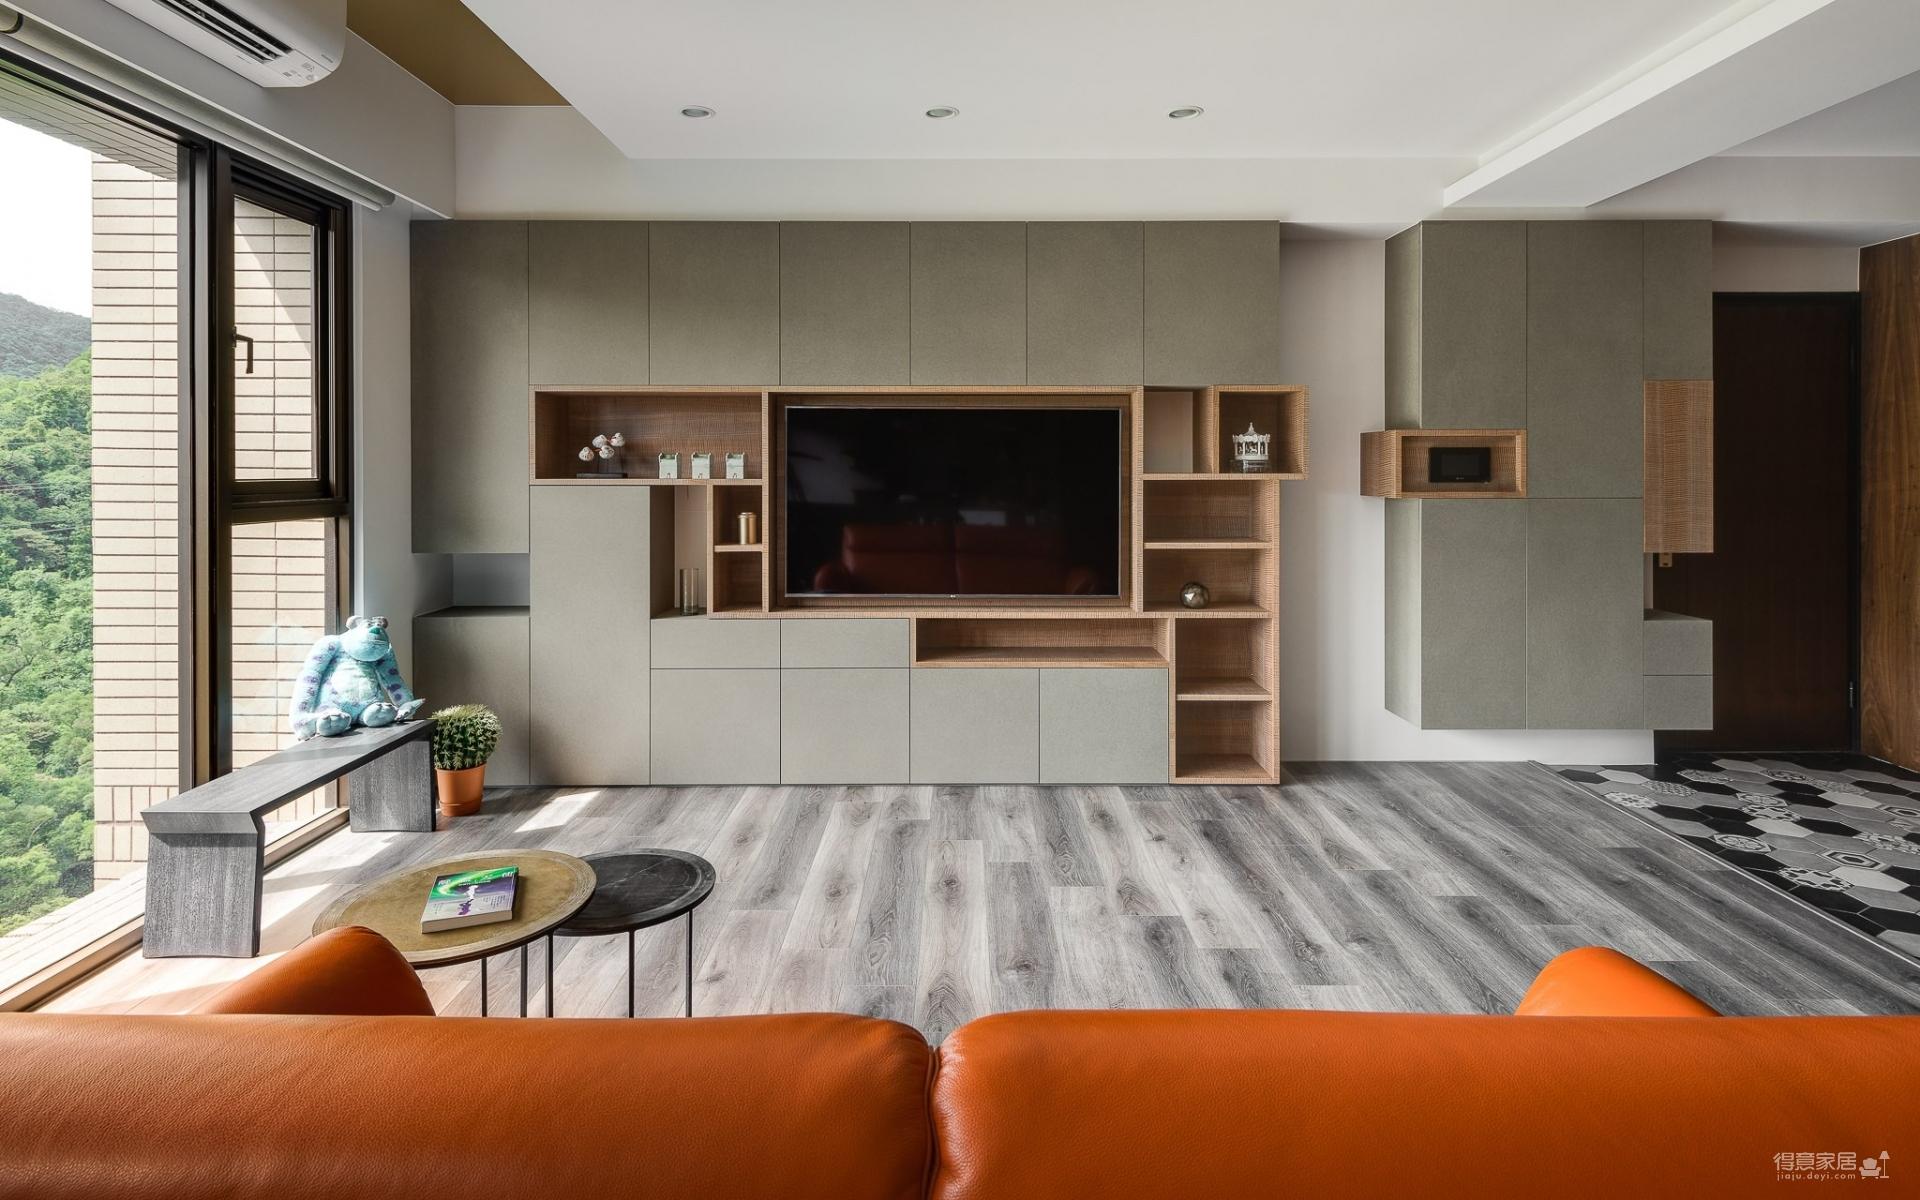 60平一室一厅舒适家宅图_4